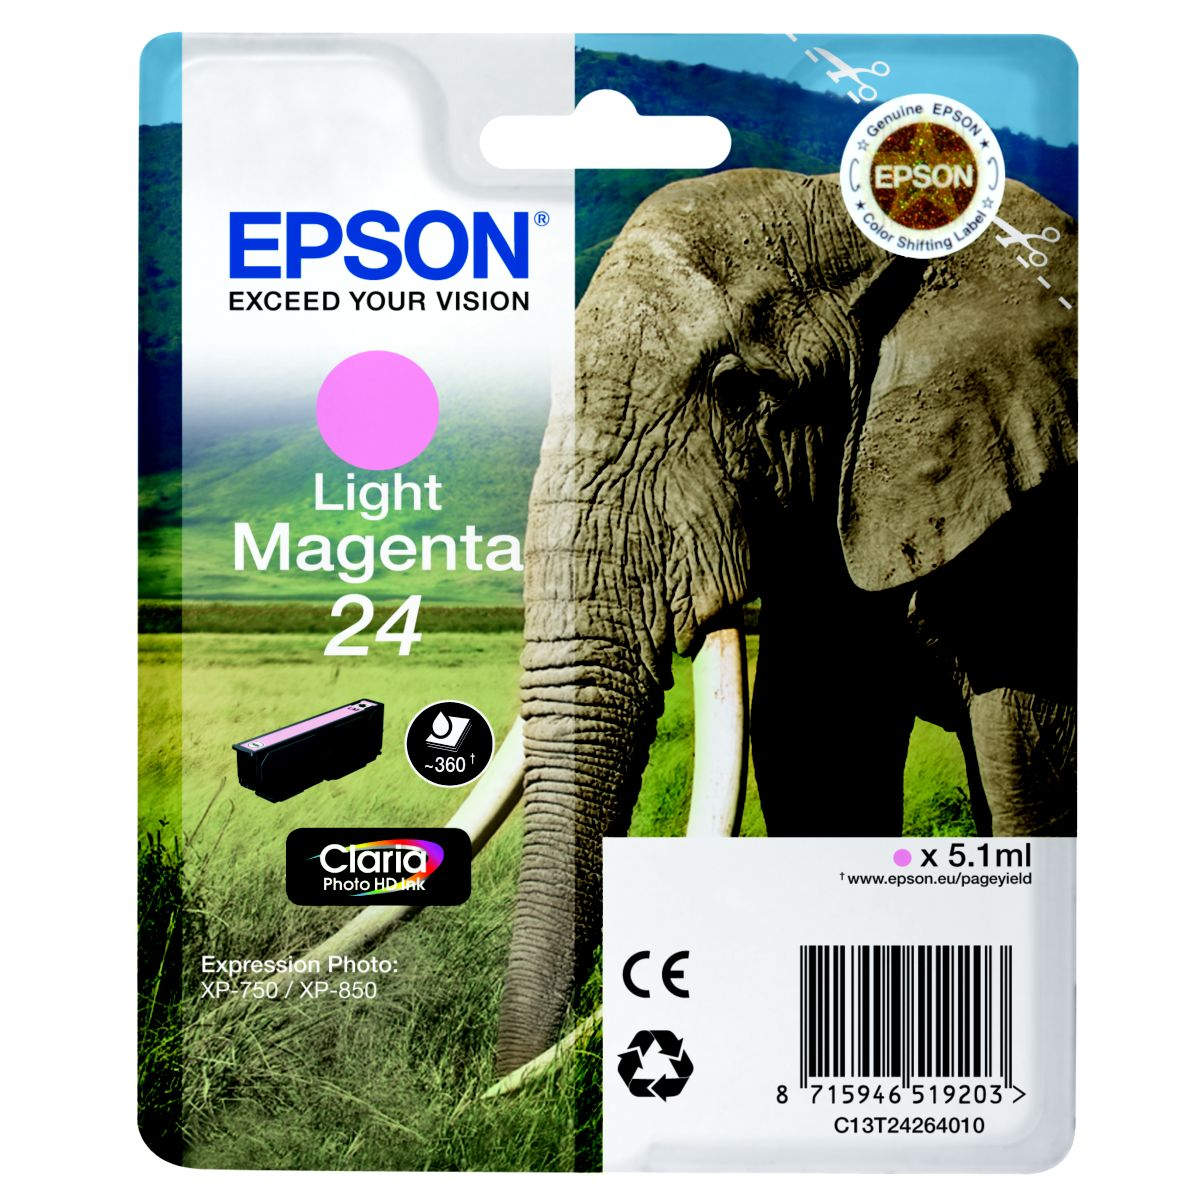 Cartouche d'encre EPSON T2426 Magenta Claire Série Eléphant